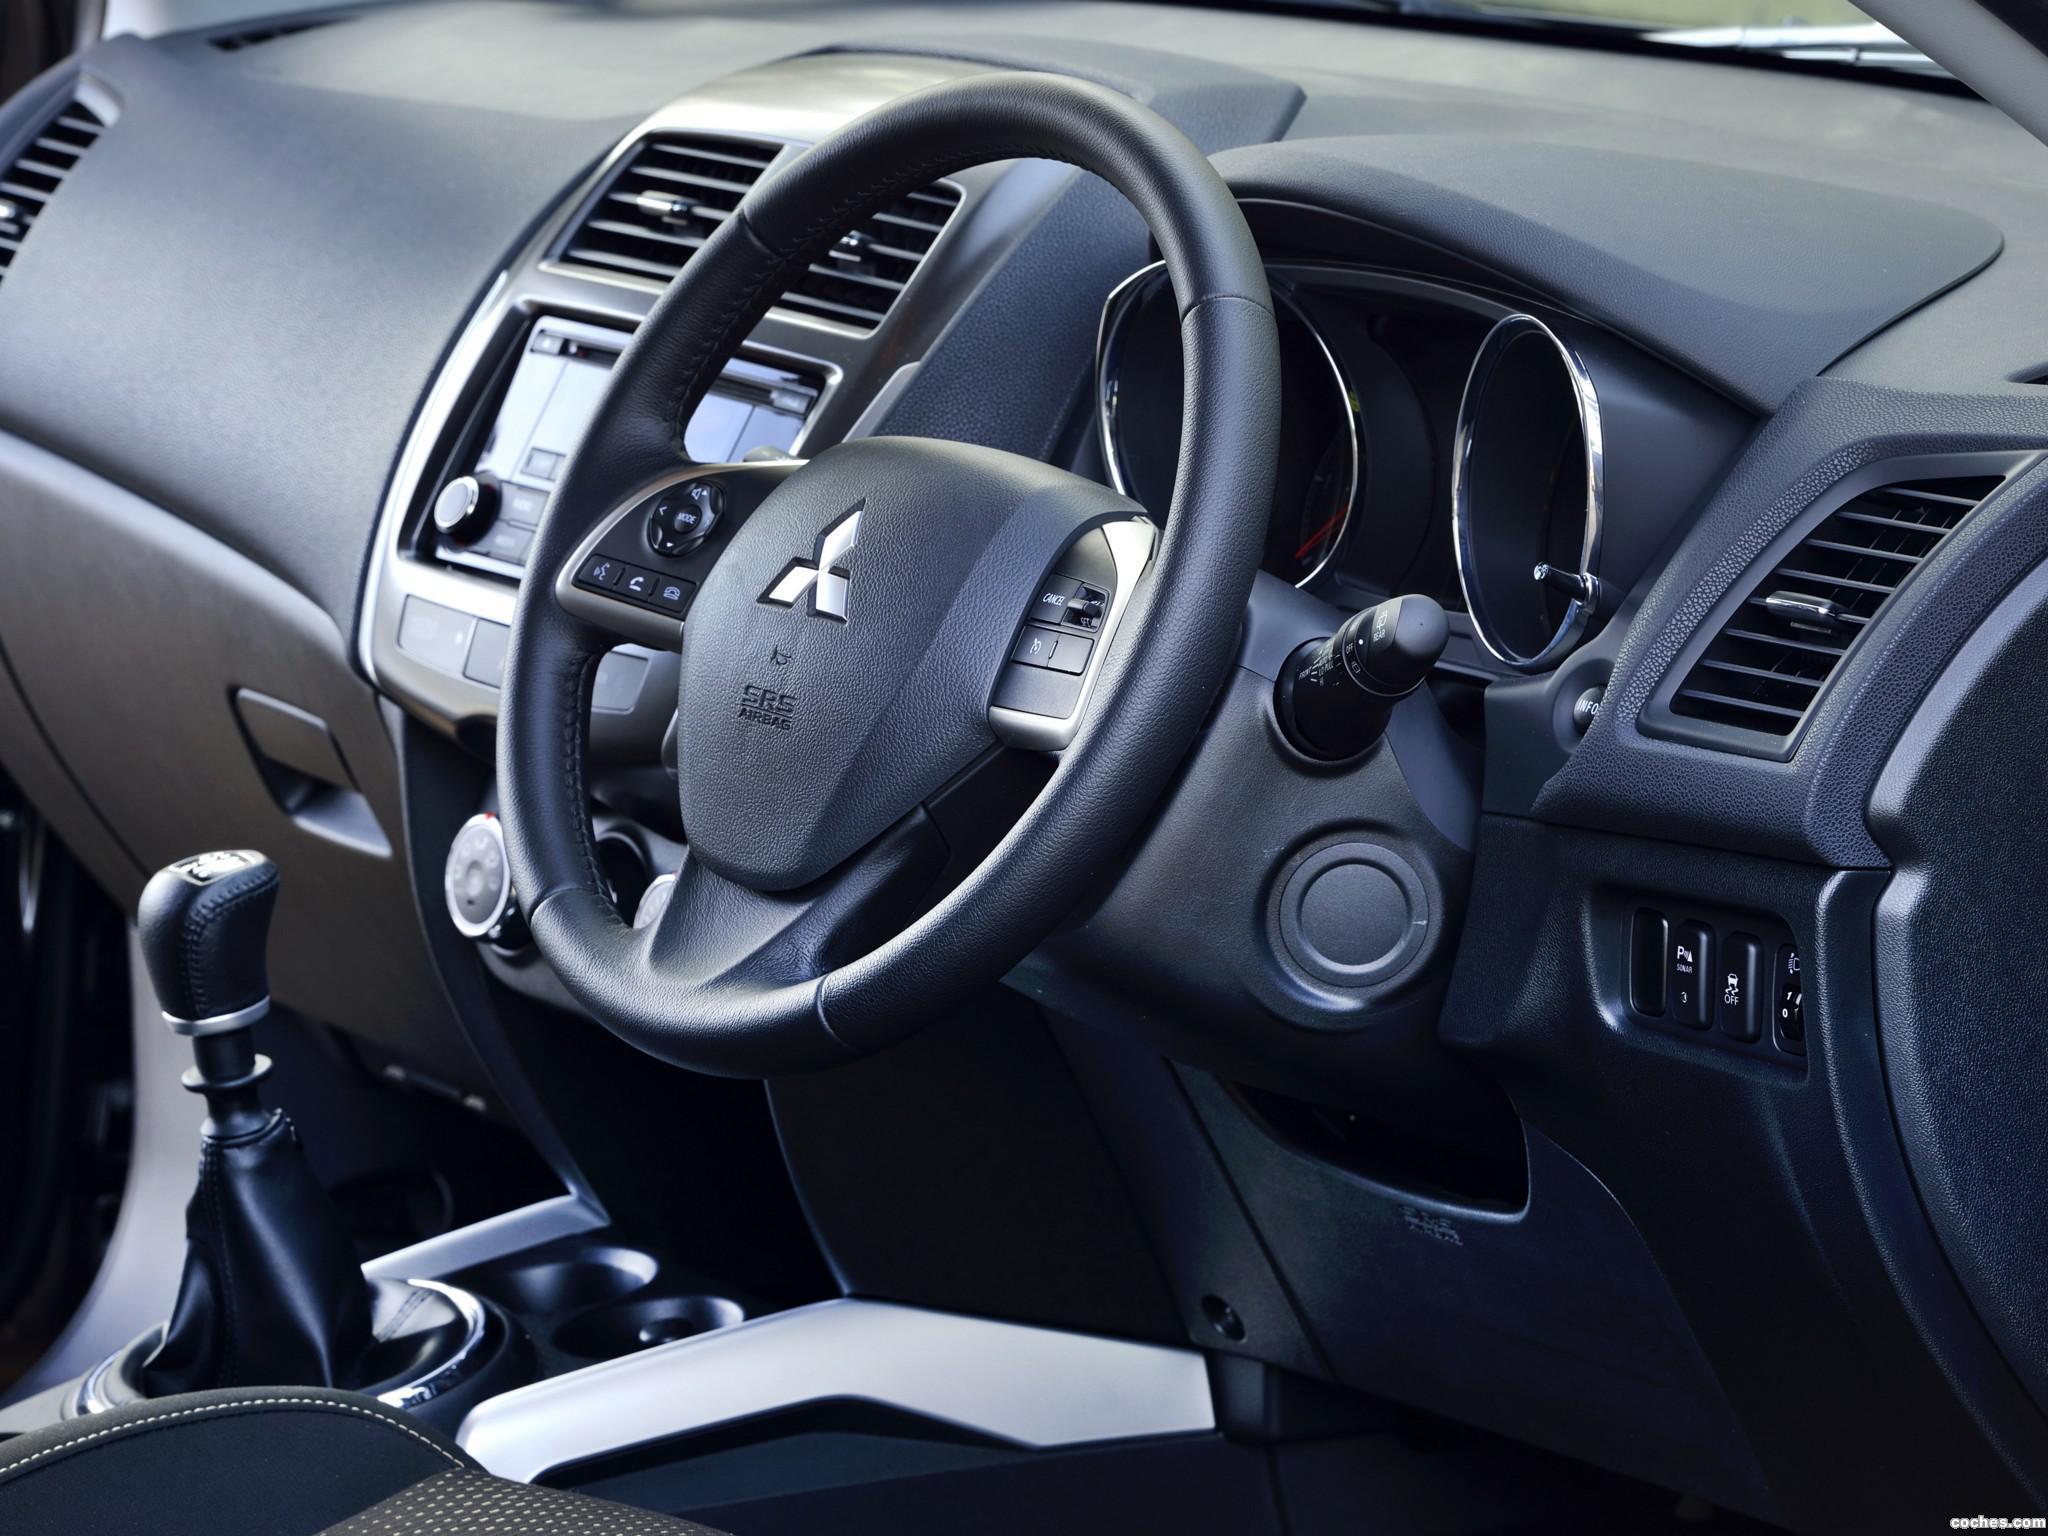 Cкрытые функции Mitsubishi ASX